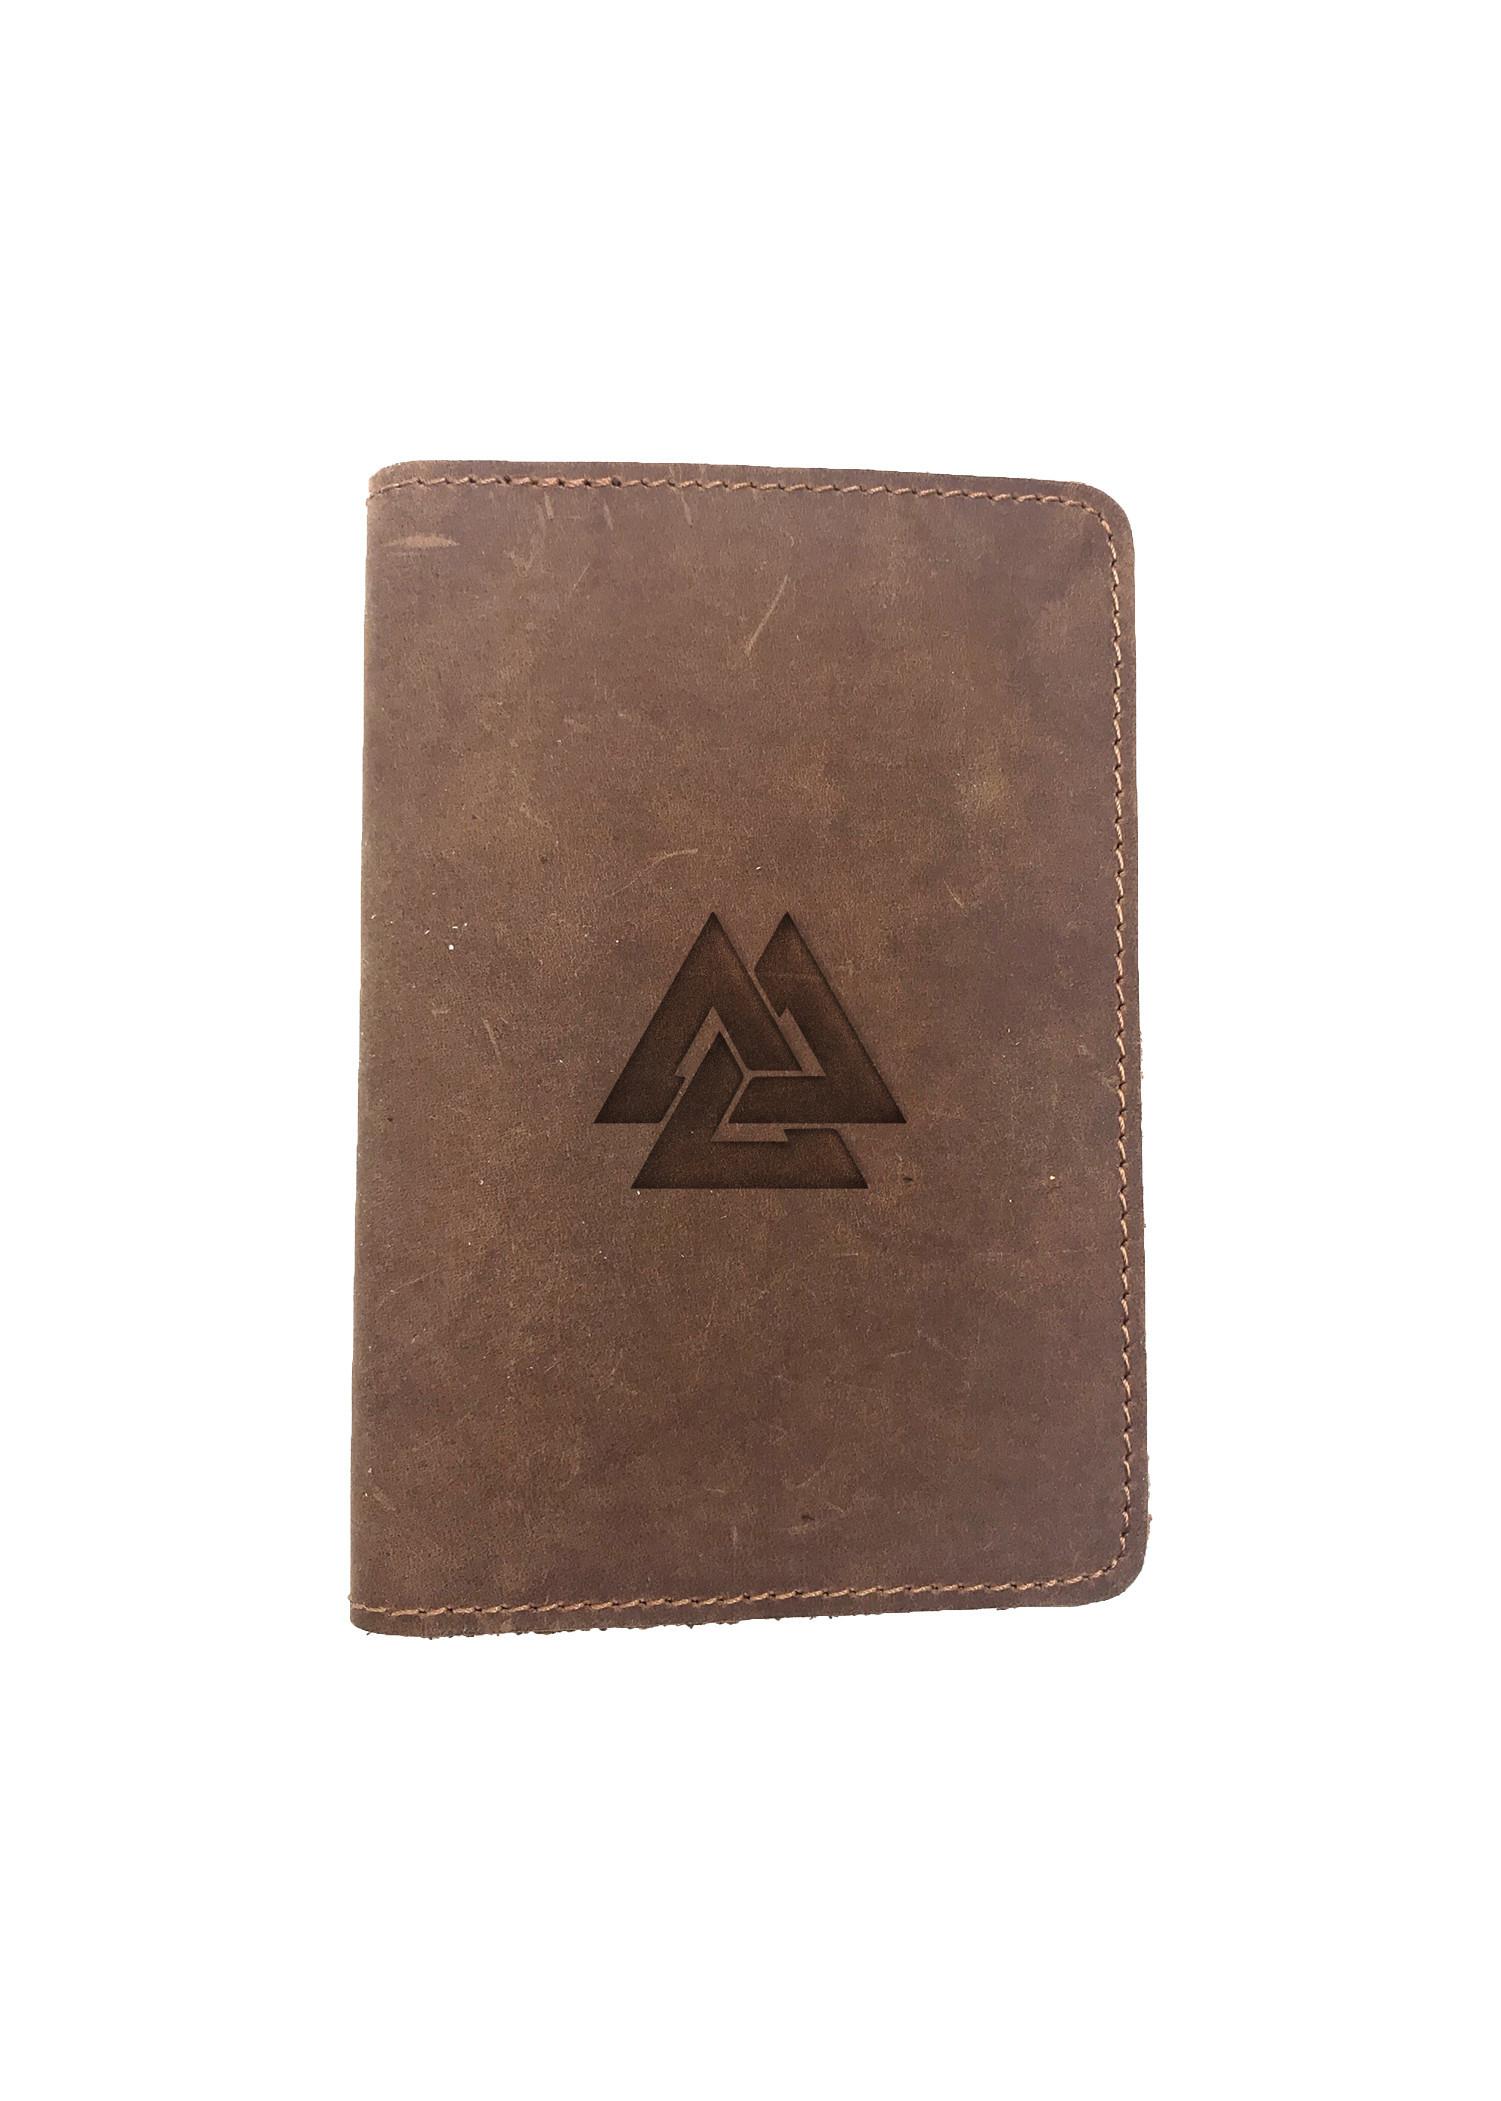 Passport Cover Bao Da Hộ Chiếu Da Sáp Khắc Hình Hình VALKNUT ODINNN NORSE GOD VIKING SYMBOL (BROWN)